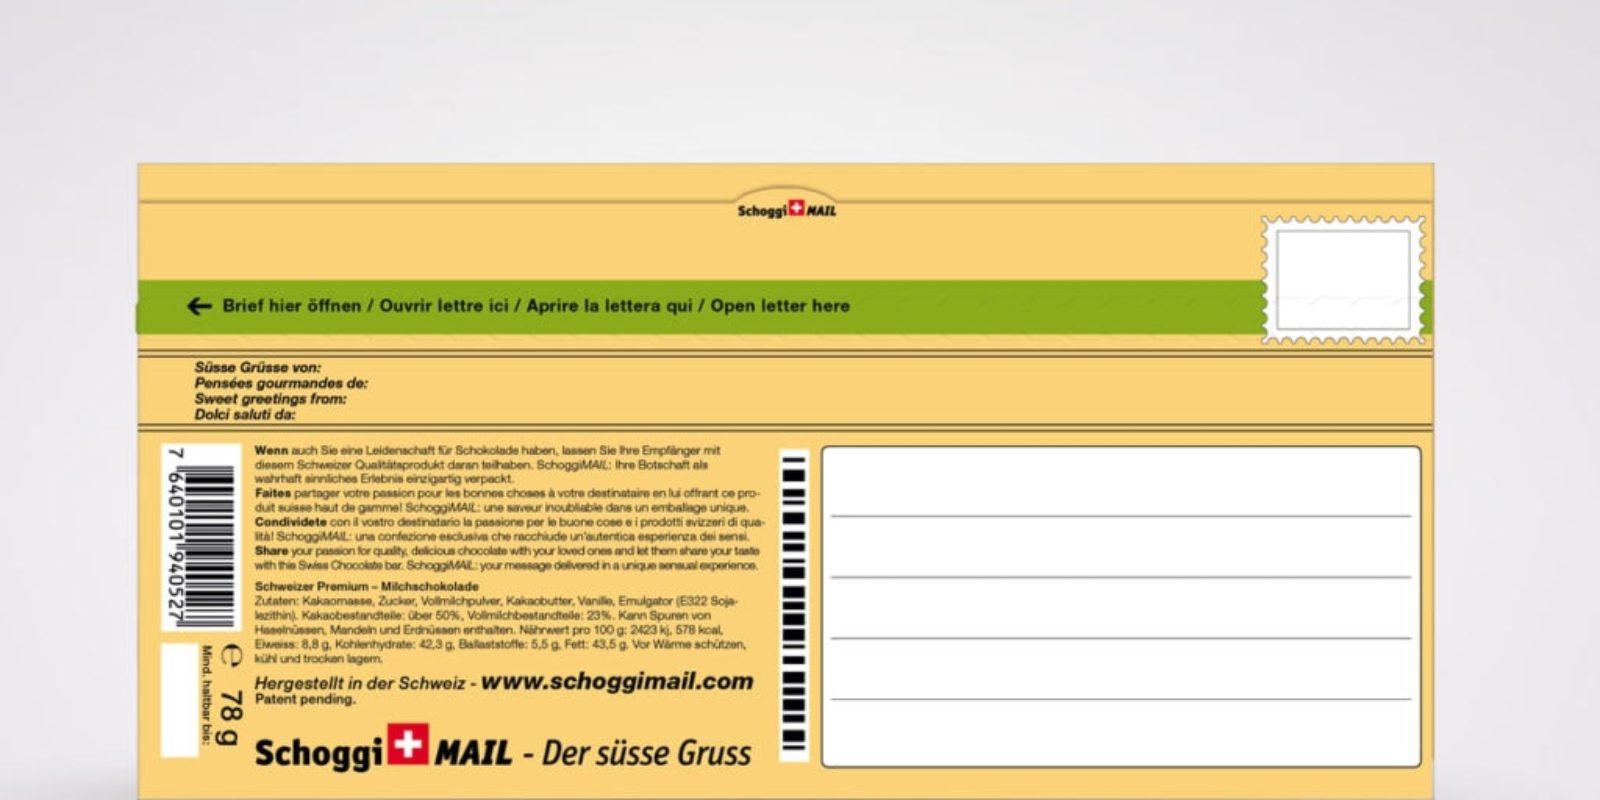 1137876-SchoggiMAIL-Hurra-zur-Geburt_back